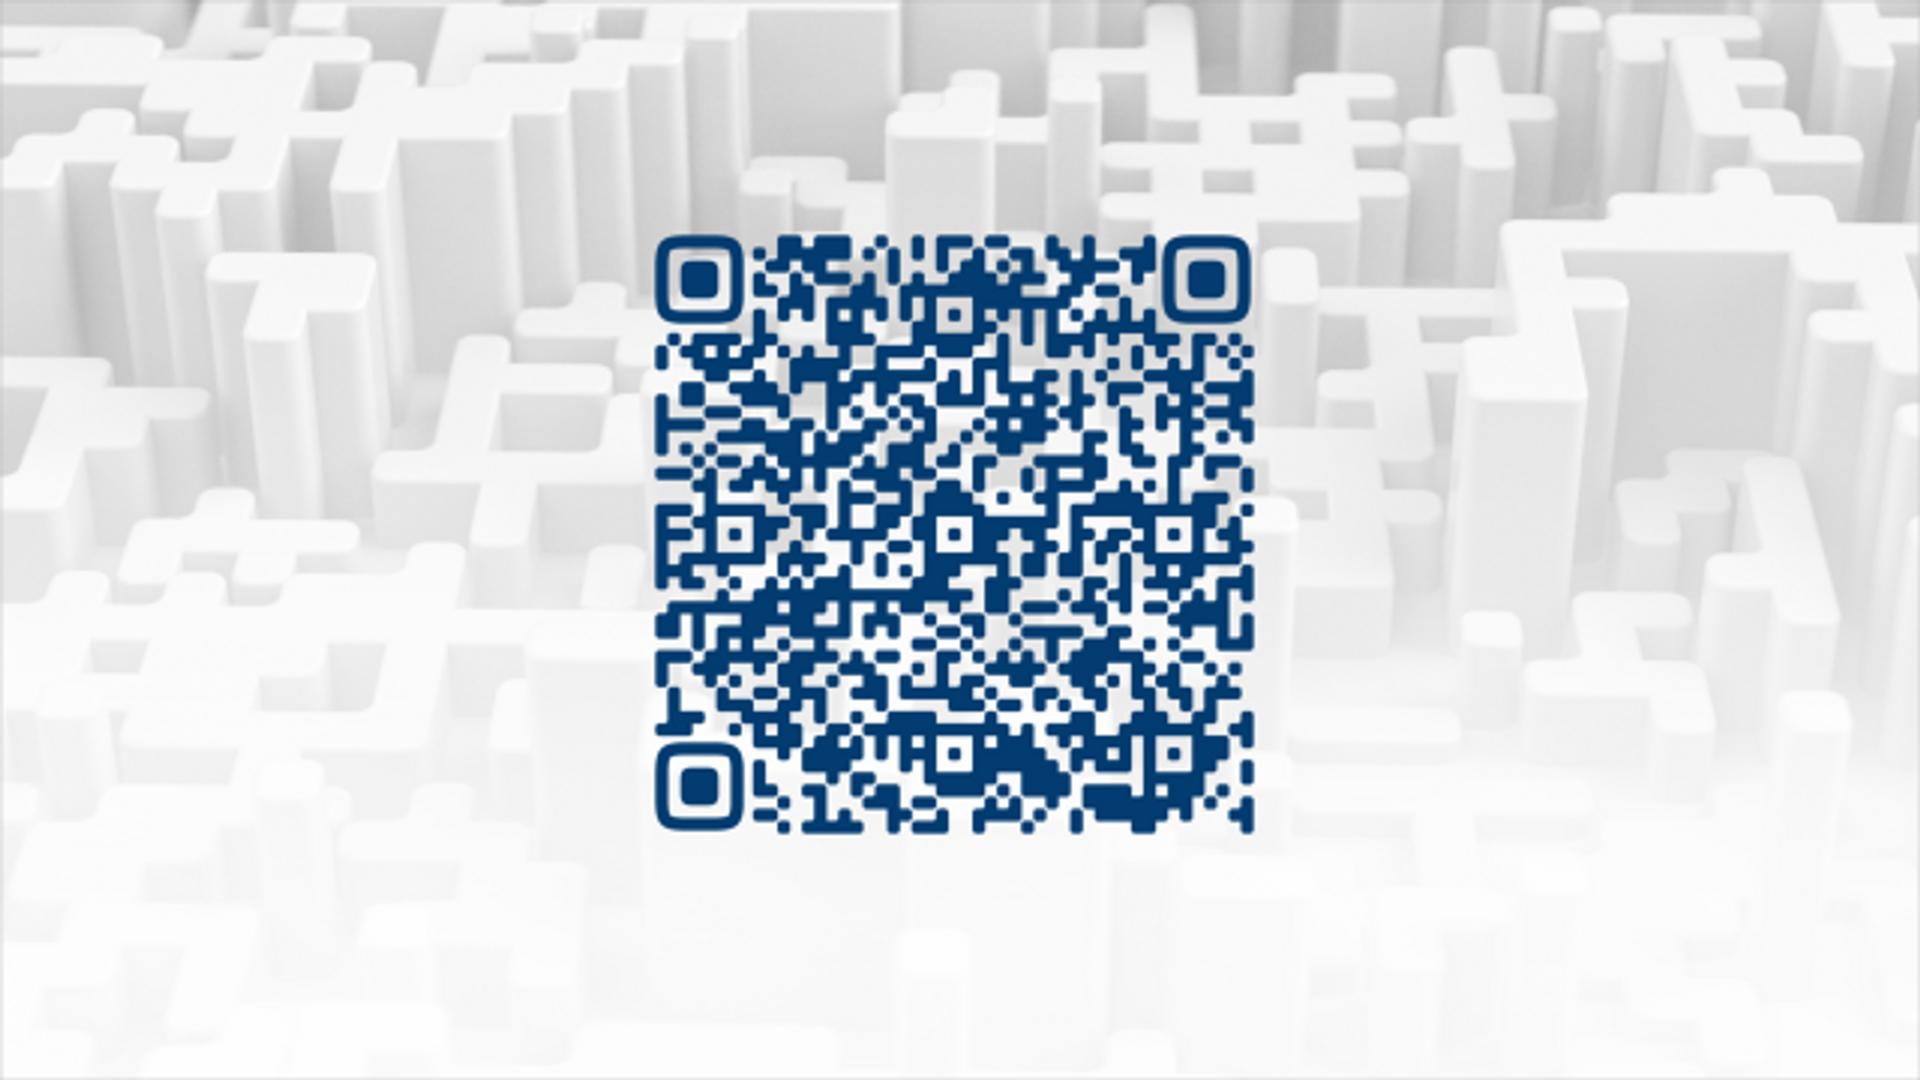 Как получить QR-код для посещения ресторанов и массовых мероприятий - РИА Новости, 1920, 24.06.2021